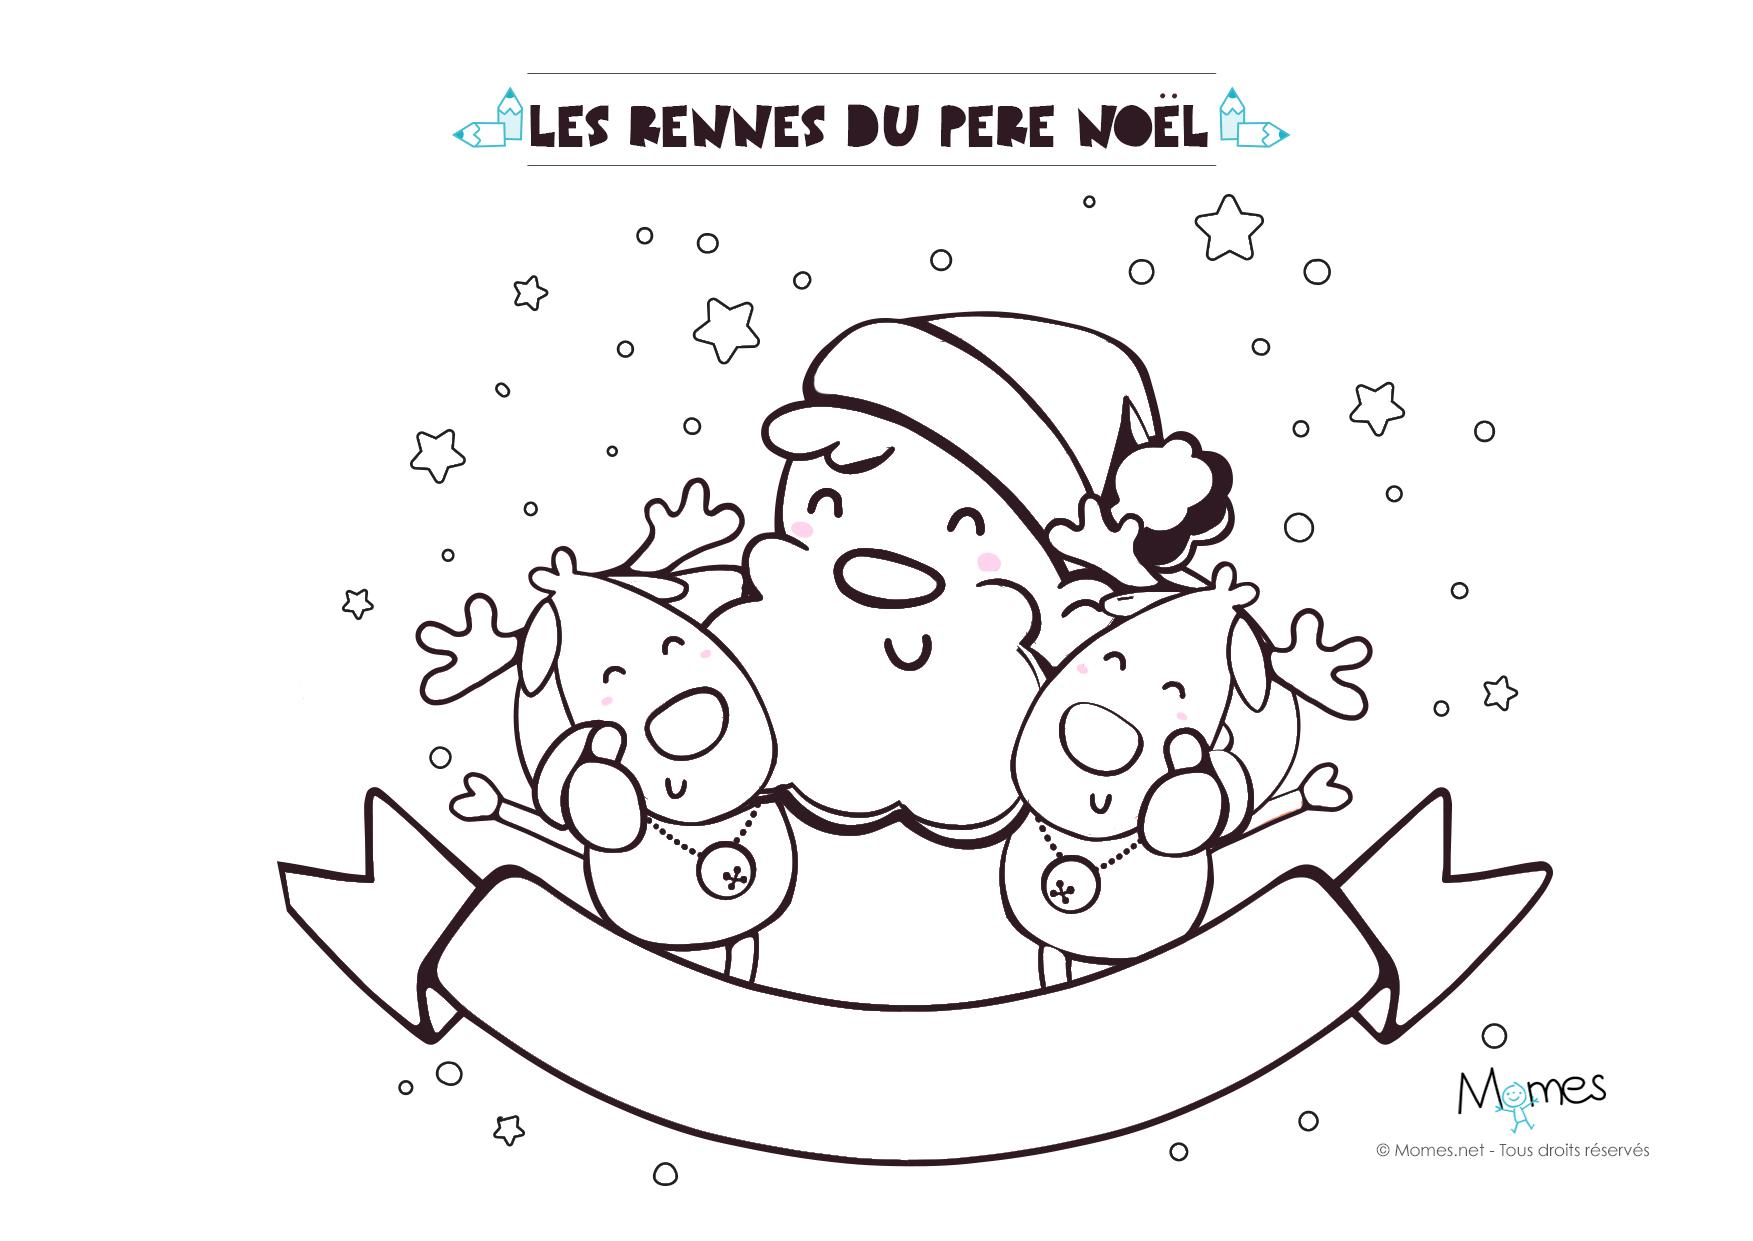 Coloriage De Noël : Le Père Noël Et Ses Rennes - Momes dedans Dessins Pere Noel Imprimer